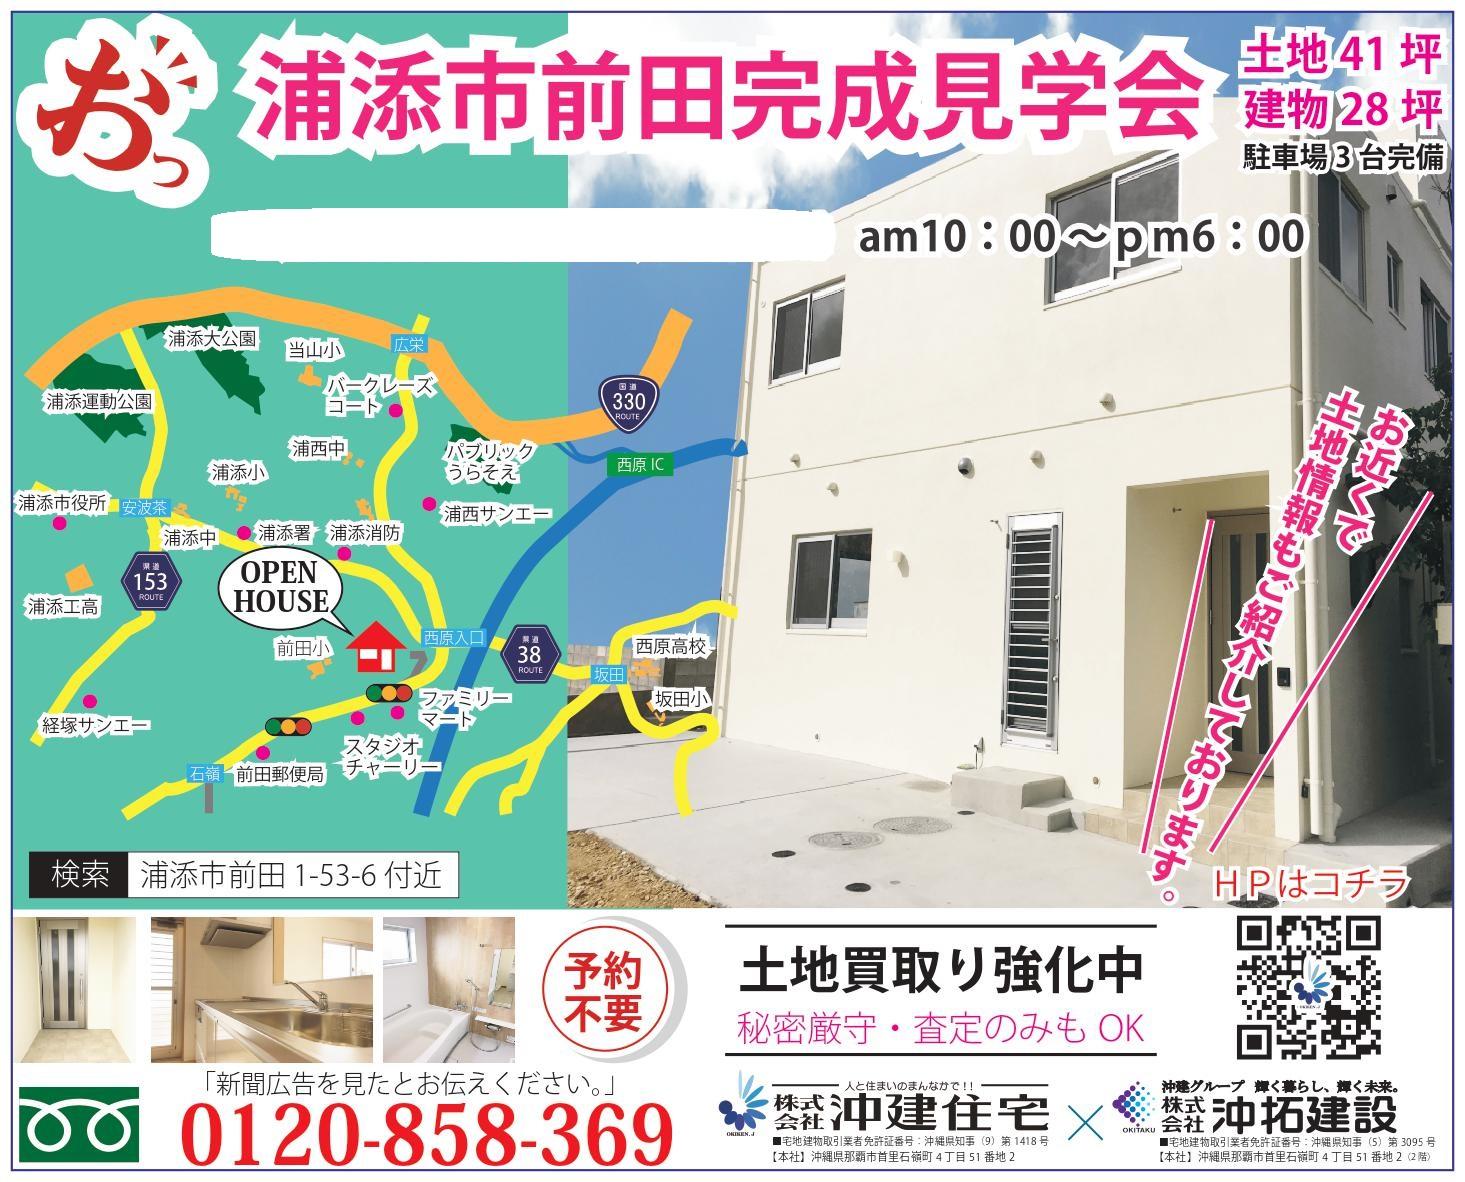 【最終公開!】 浦添市前田にてオープンハウス&無料住宅相談会を開催!